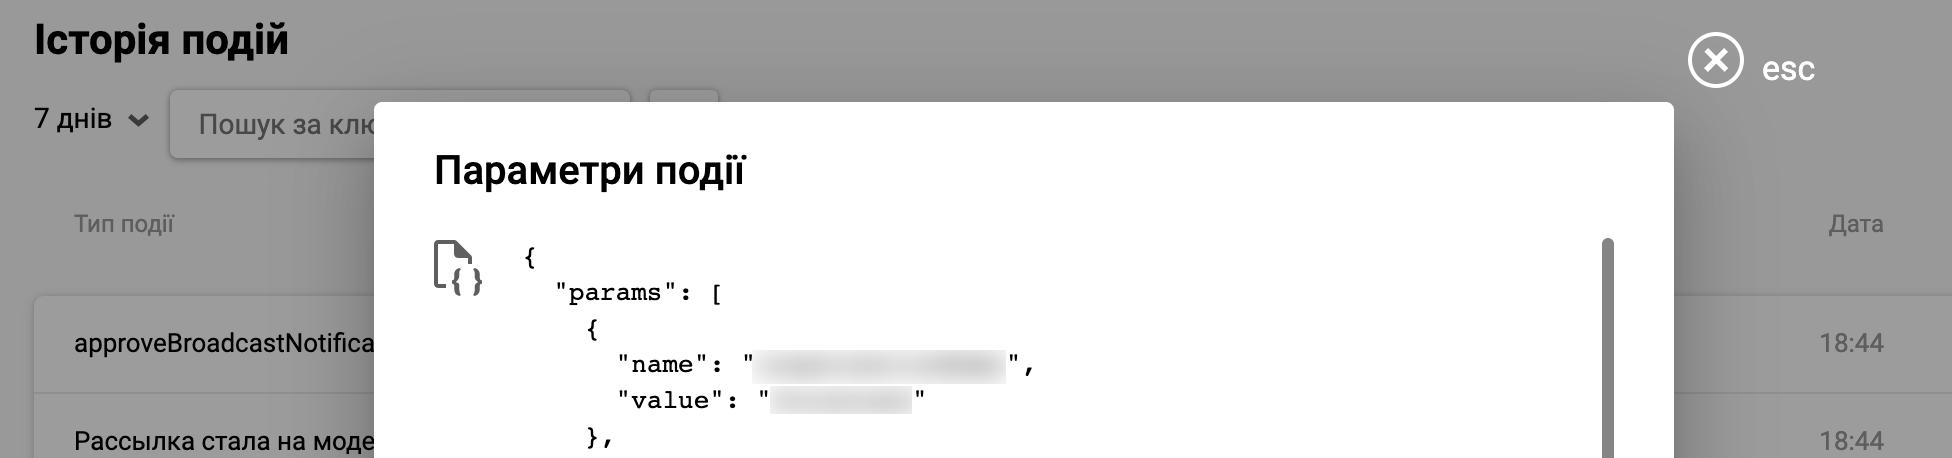 Параметри події за API